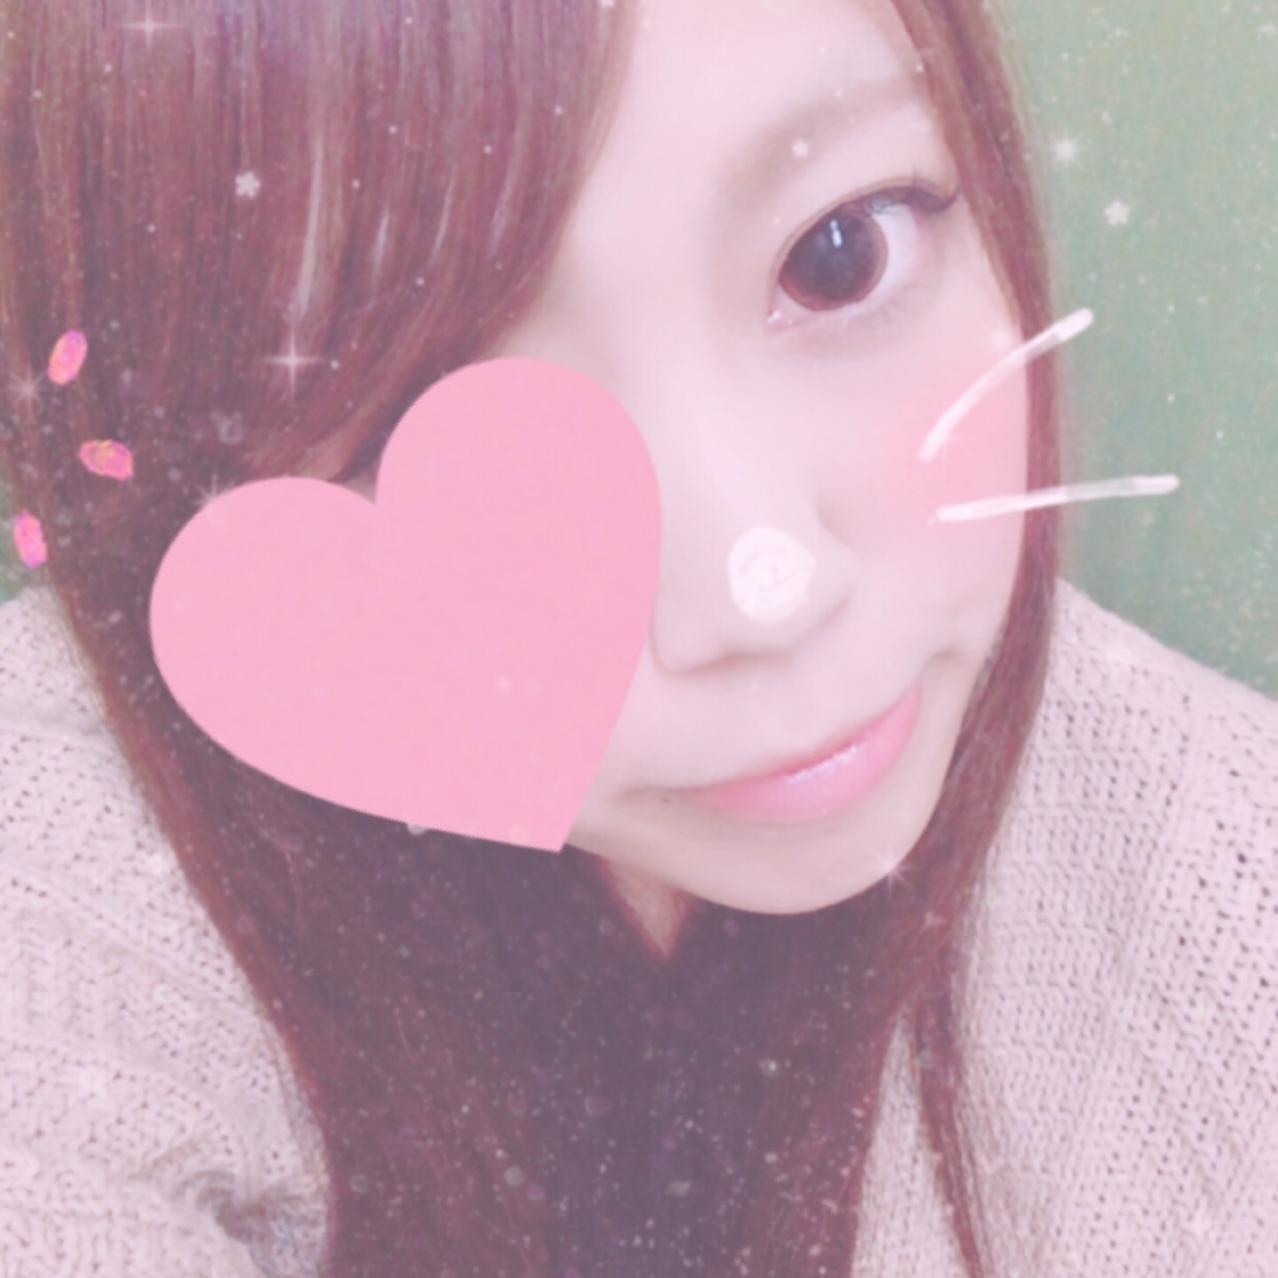 「おれいです」10/11(10/11) 07:24 | ユアの写メ・風俗動画